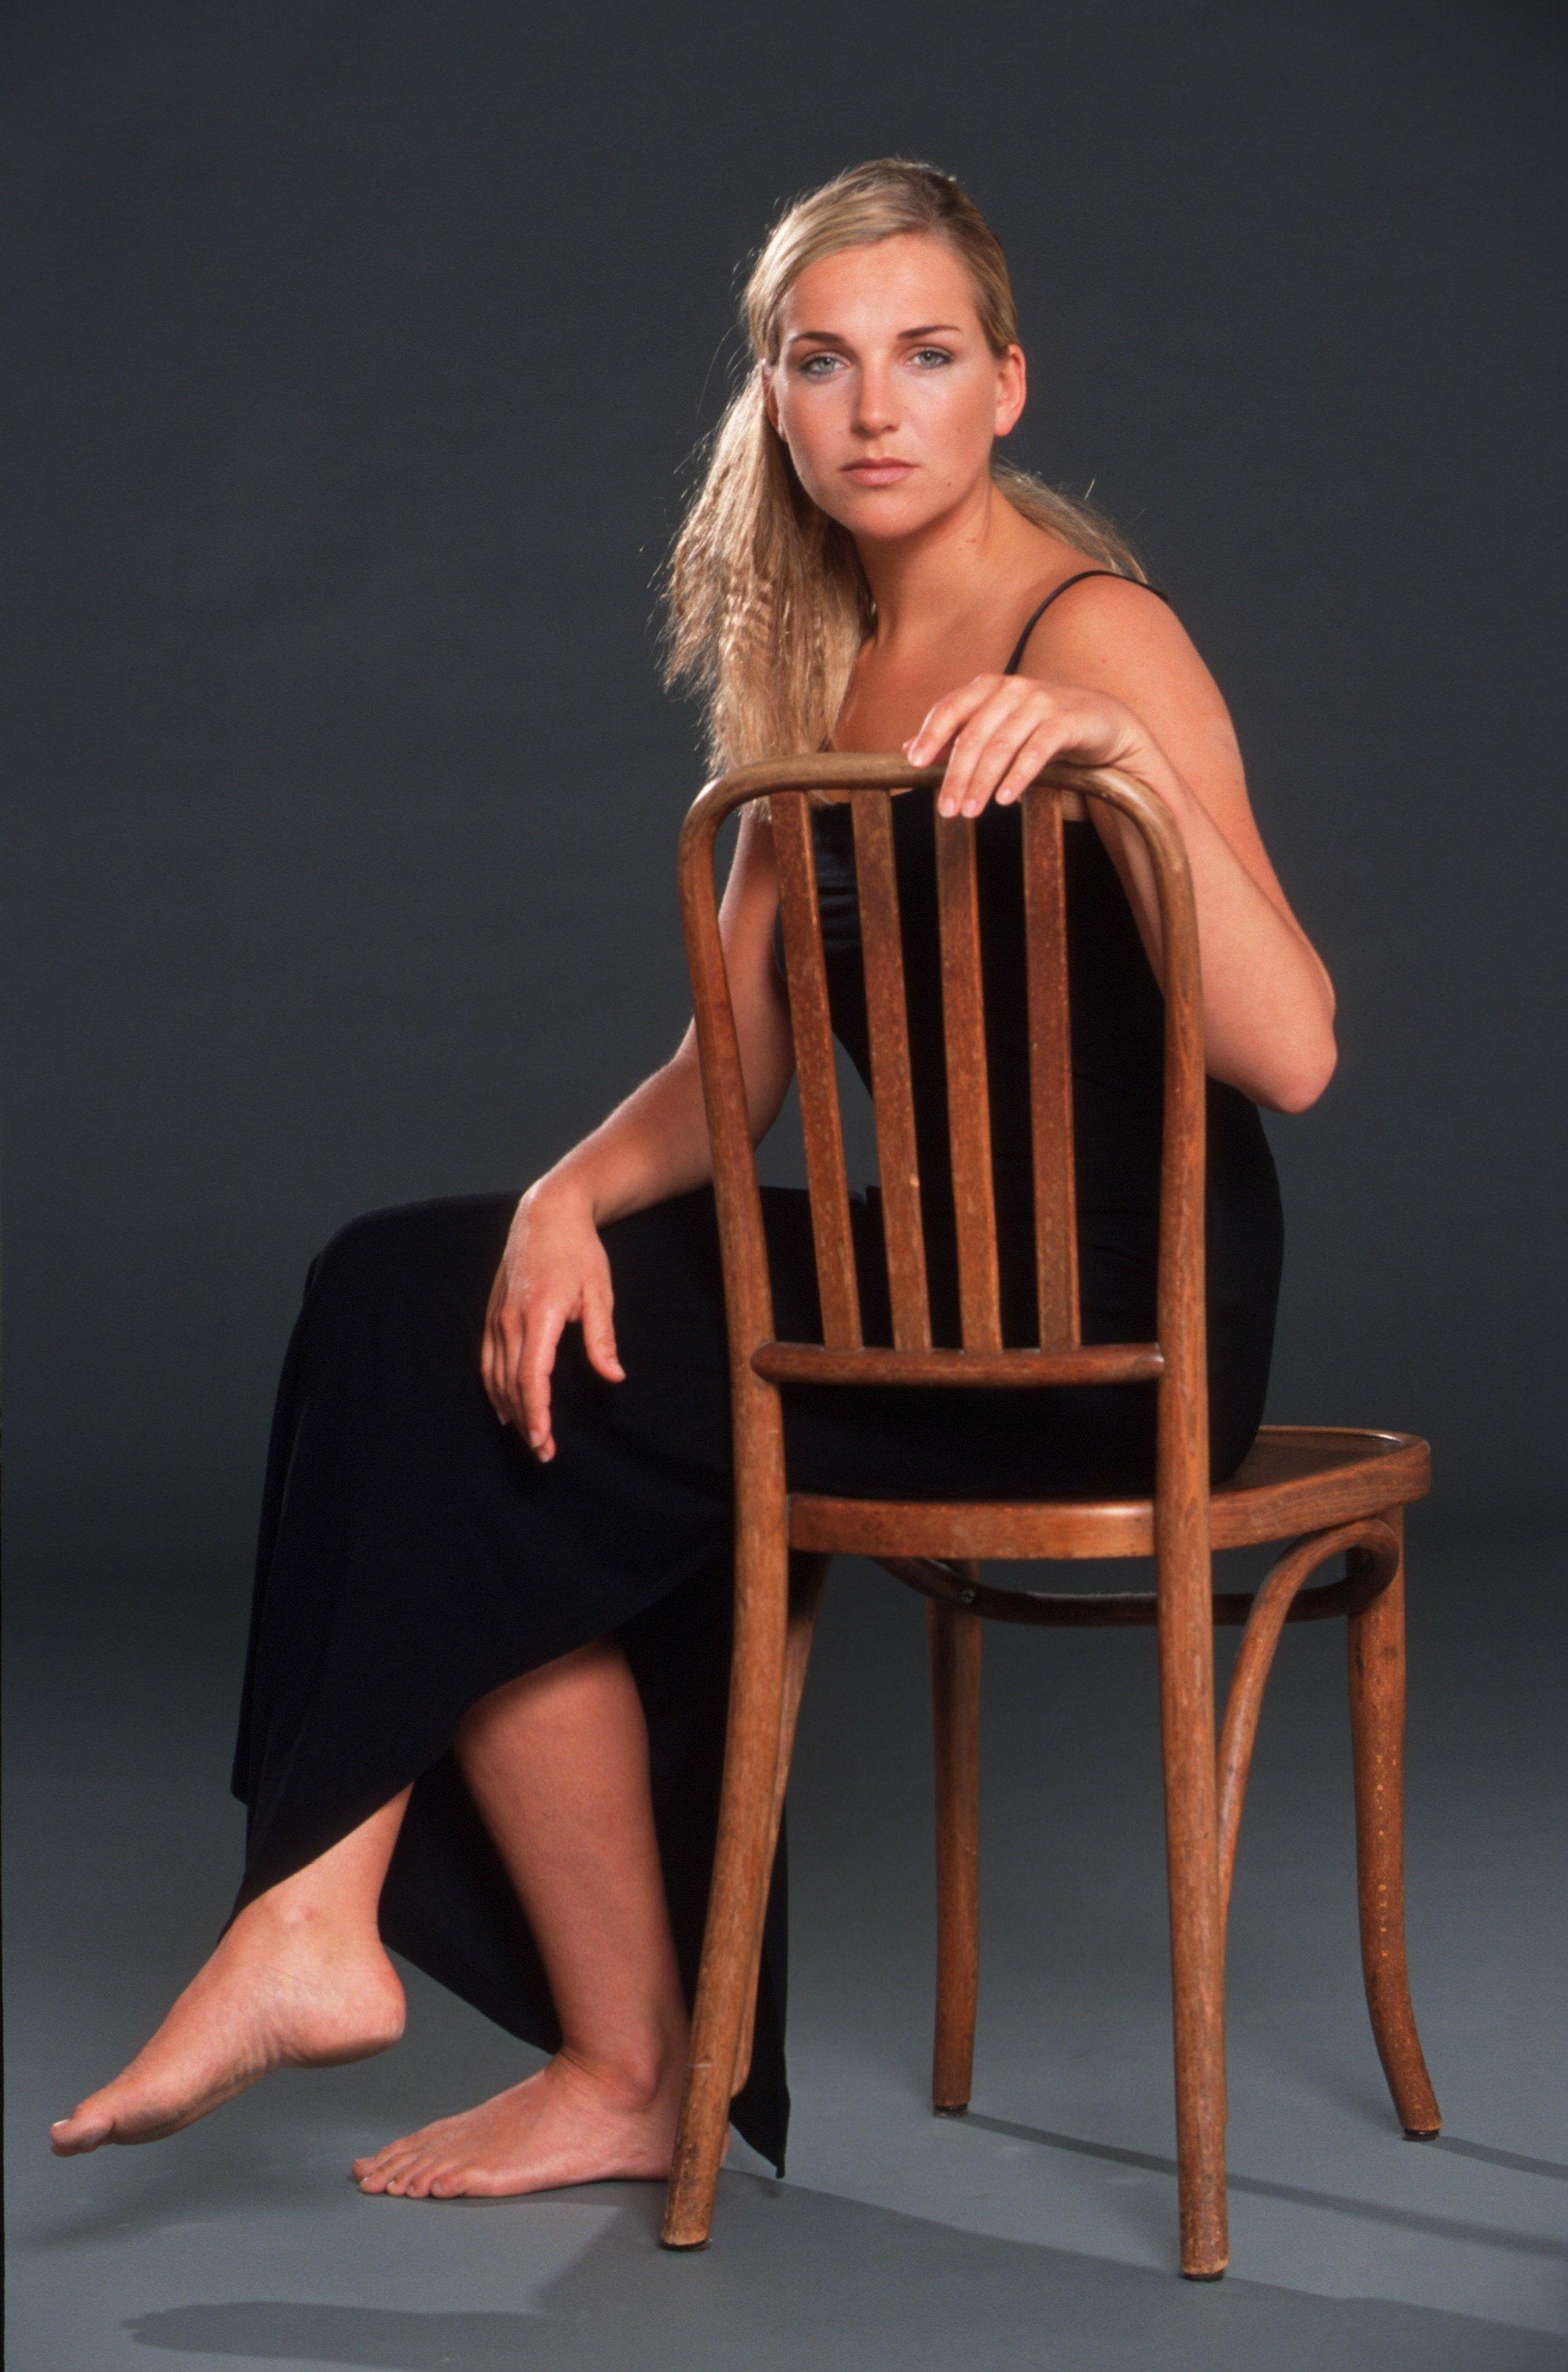 Tanja Wedhorn Nude Photos 95